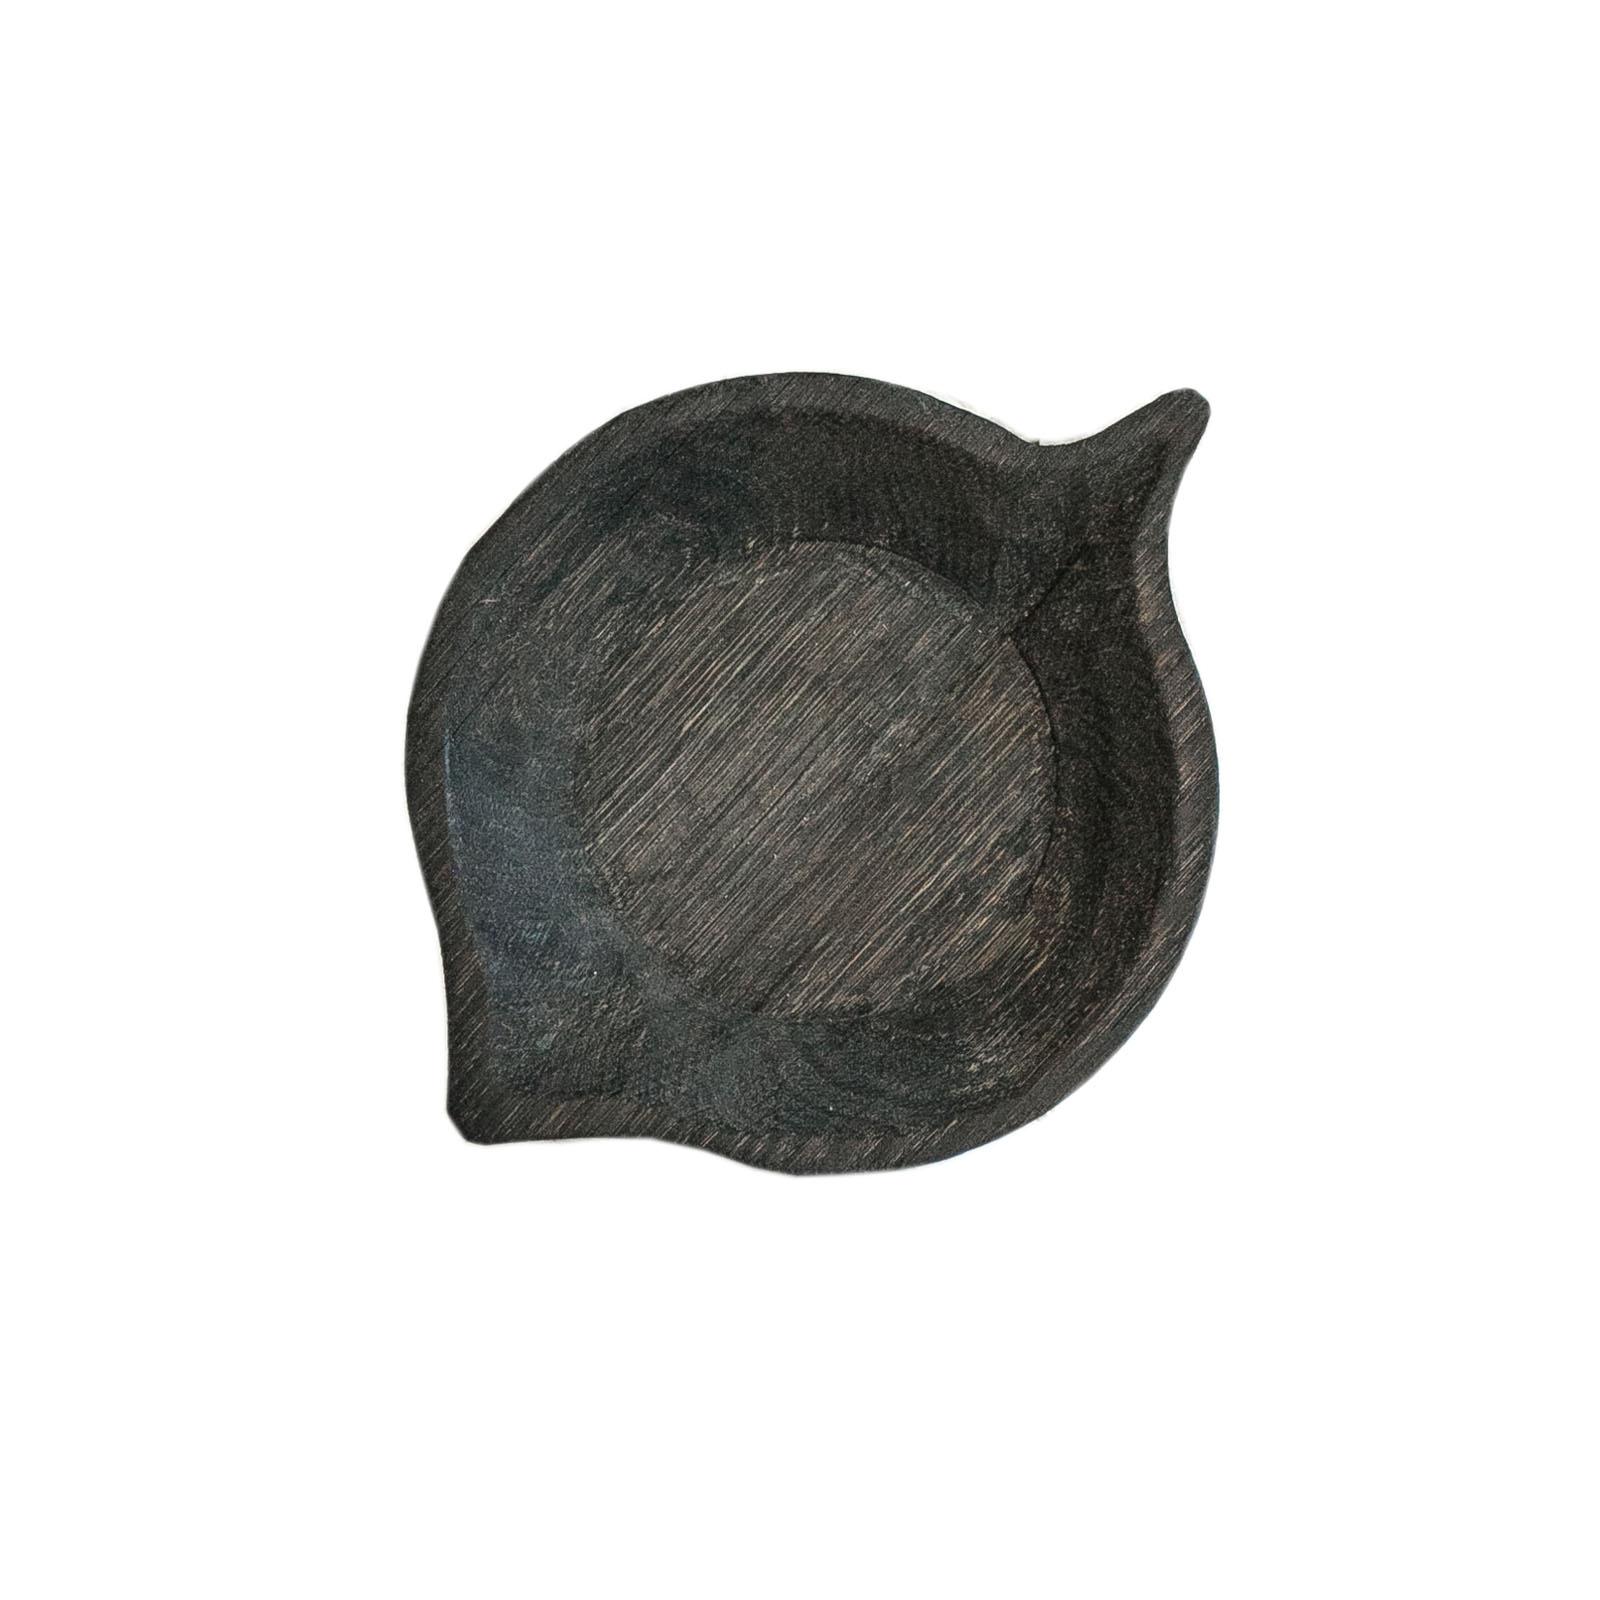 Тарелка Блюдце ольхаДекоративные блюда<br>&amp;quot;Листья&amp;quot; - коллекция дубовых тарелок и блюдец. Сделана вручную. Покрытие: льняное масло. Ее внутренняя поверхность идеально зашлифована. При необходимости можно обновлять покрытие, протерев поверхность тряпочкой, смоченной льняным маслом. После влажной обработки ее нужно протирать полотенцем. Тарелка не предназначена для длительного хранения жидкостей. Из-за специфики ручного труда все предметы отличаются друг от друга.<br><br>Material: Дуб<br>Ширина см: 13<br>Высота см: 1